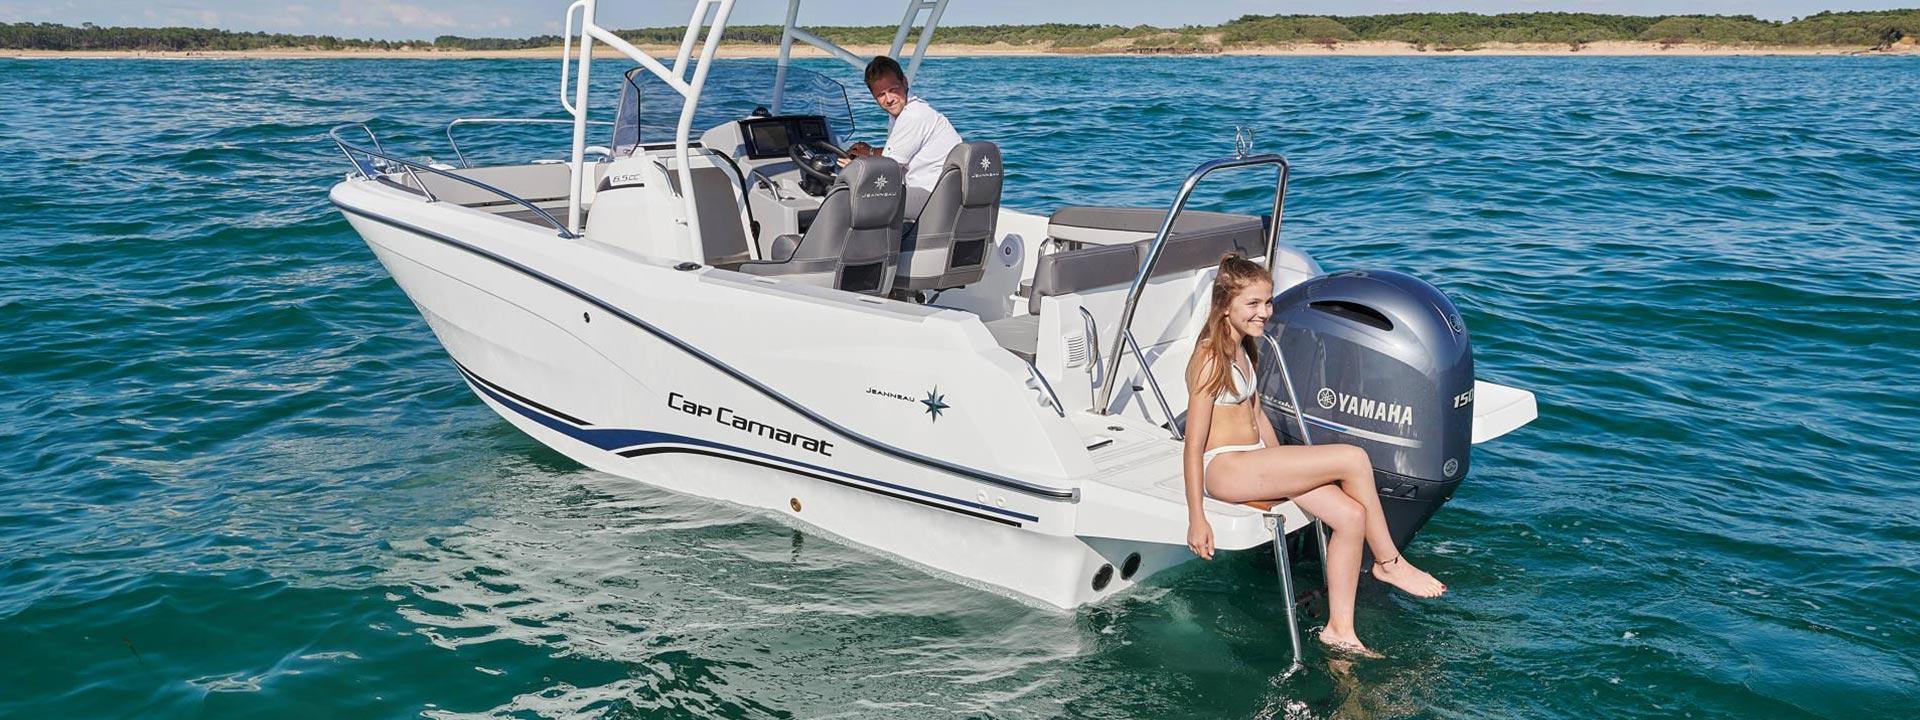 mayer-charter-boat-header-jeanneau-cap-camarat-6.5-04